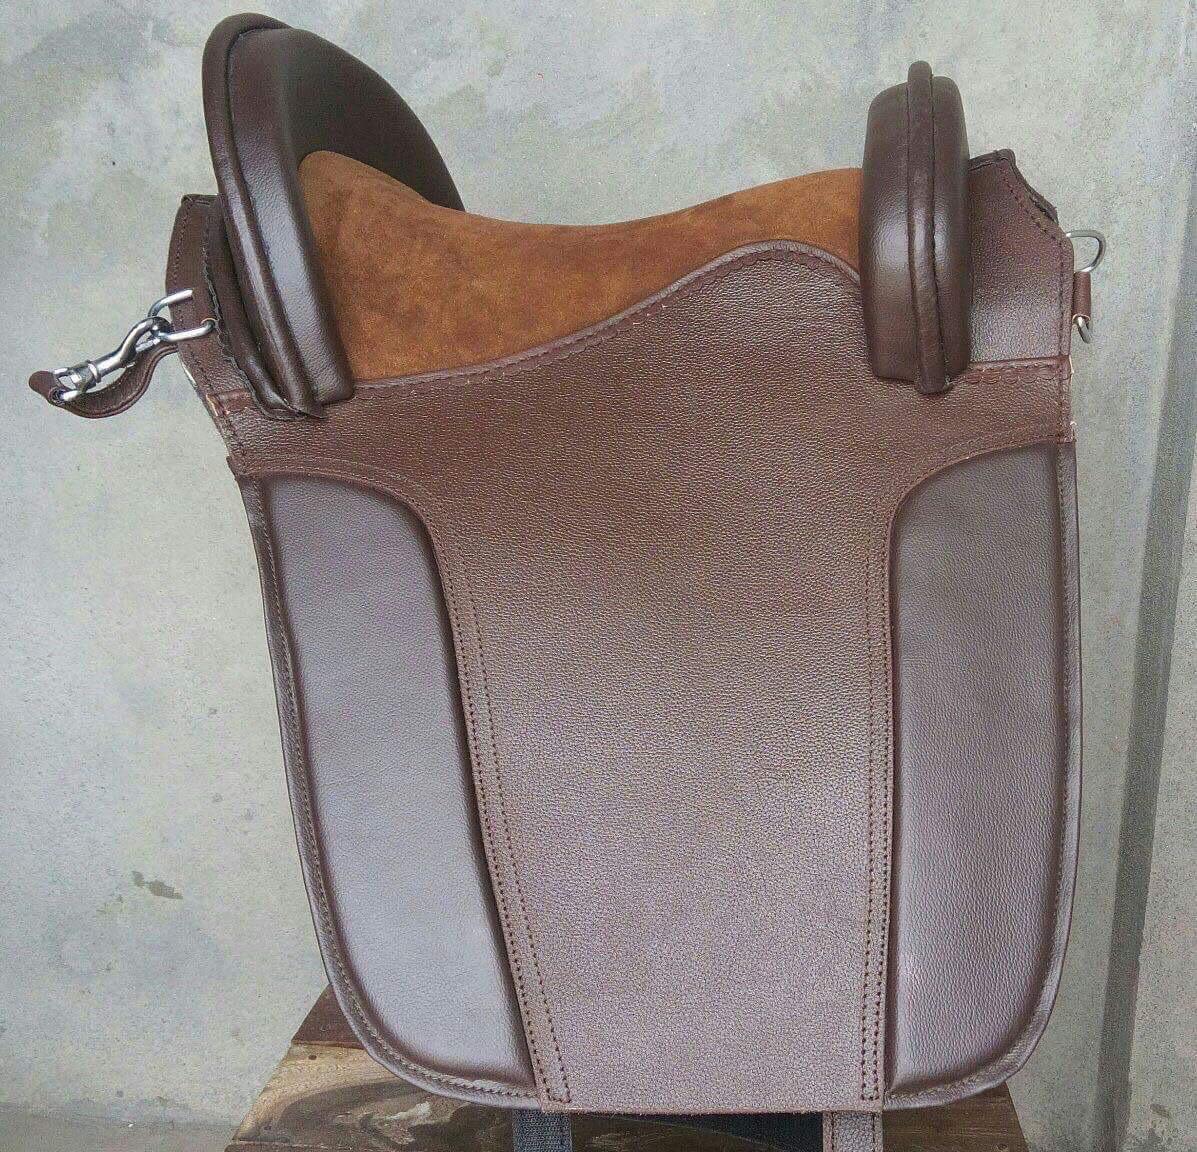 Estilo Barroco Hermoso Antiguo Diseño Marrón Genuino Rexine de montar